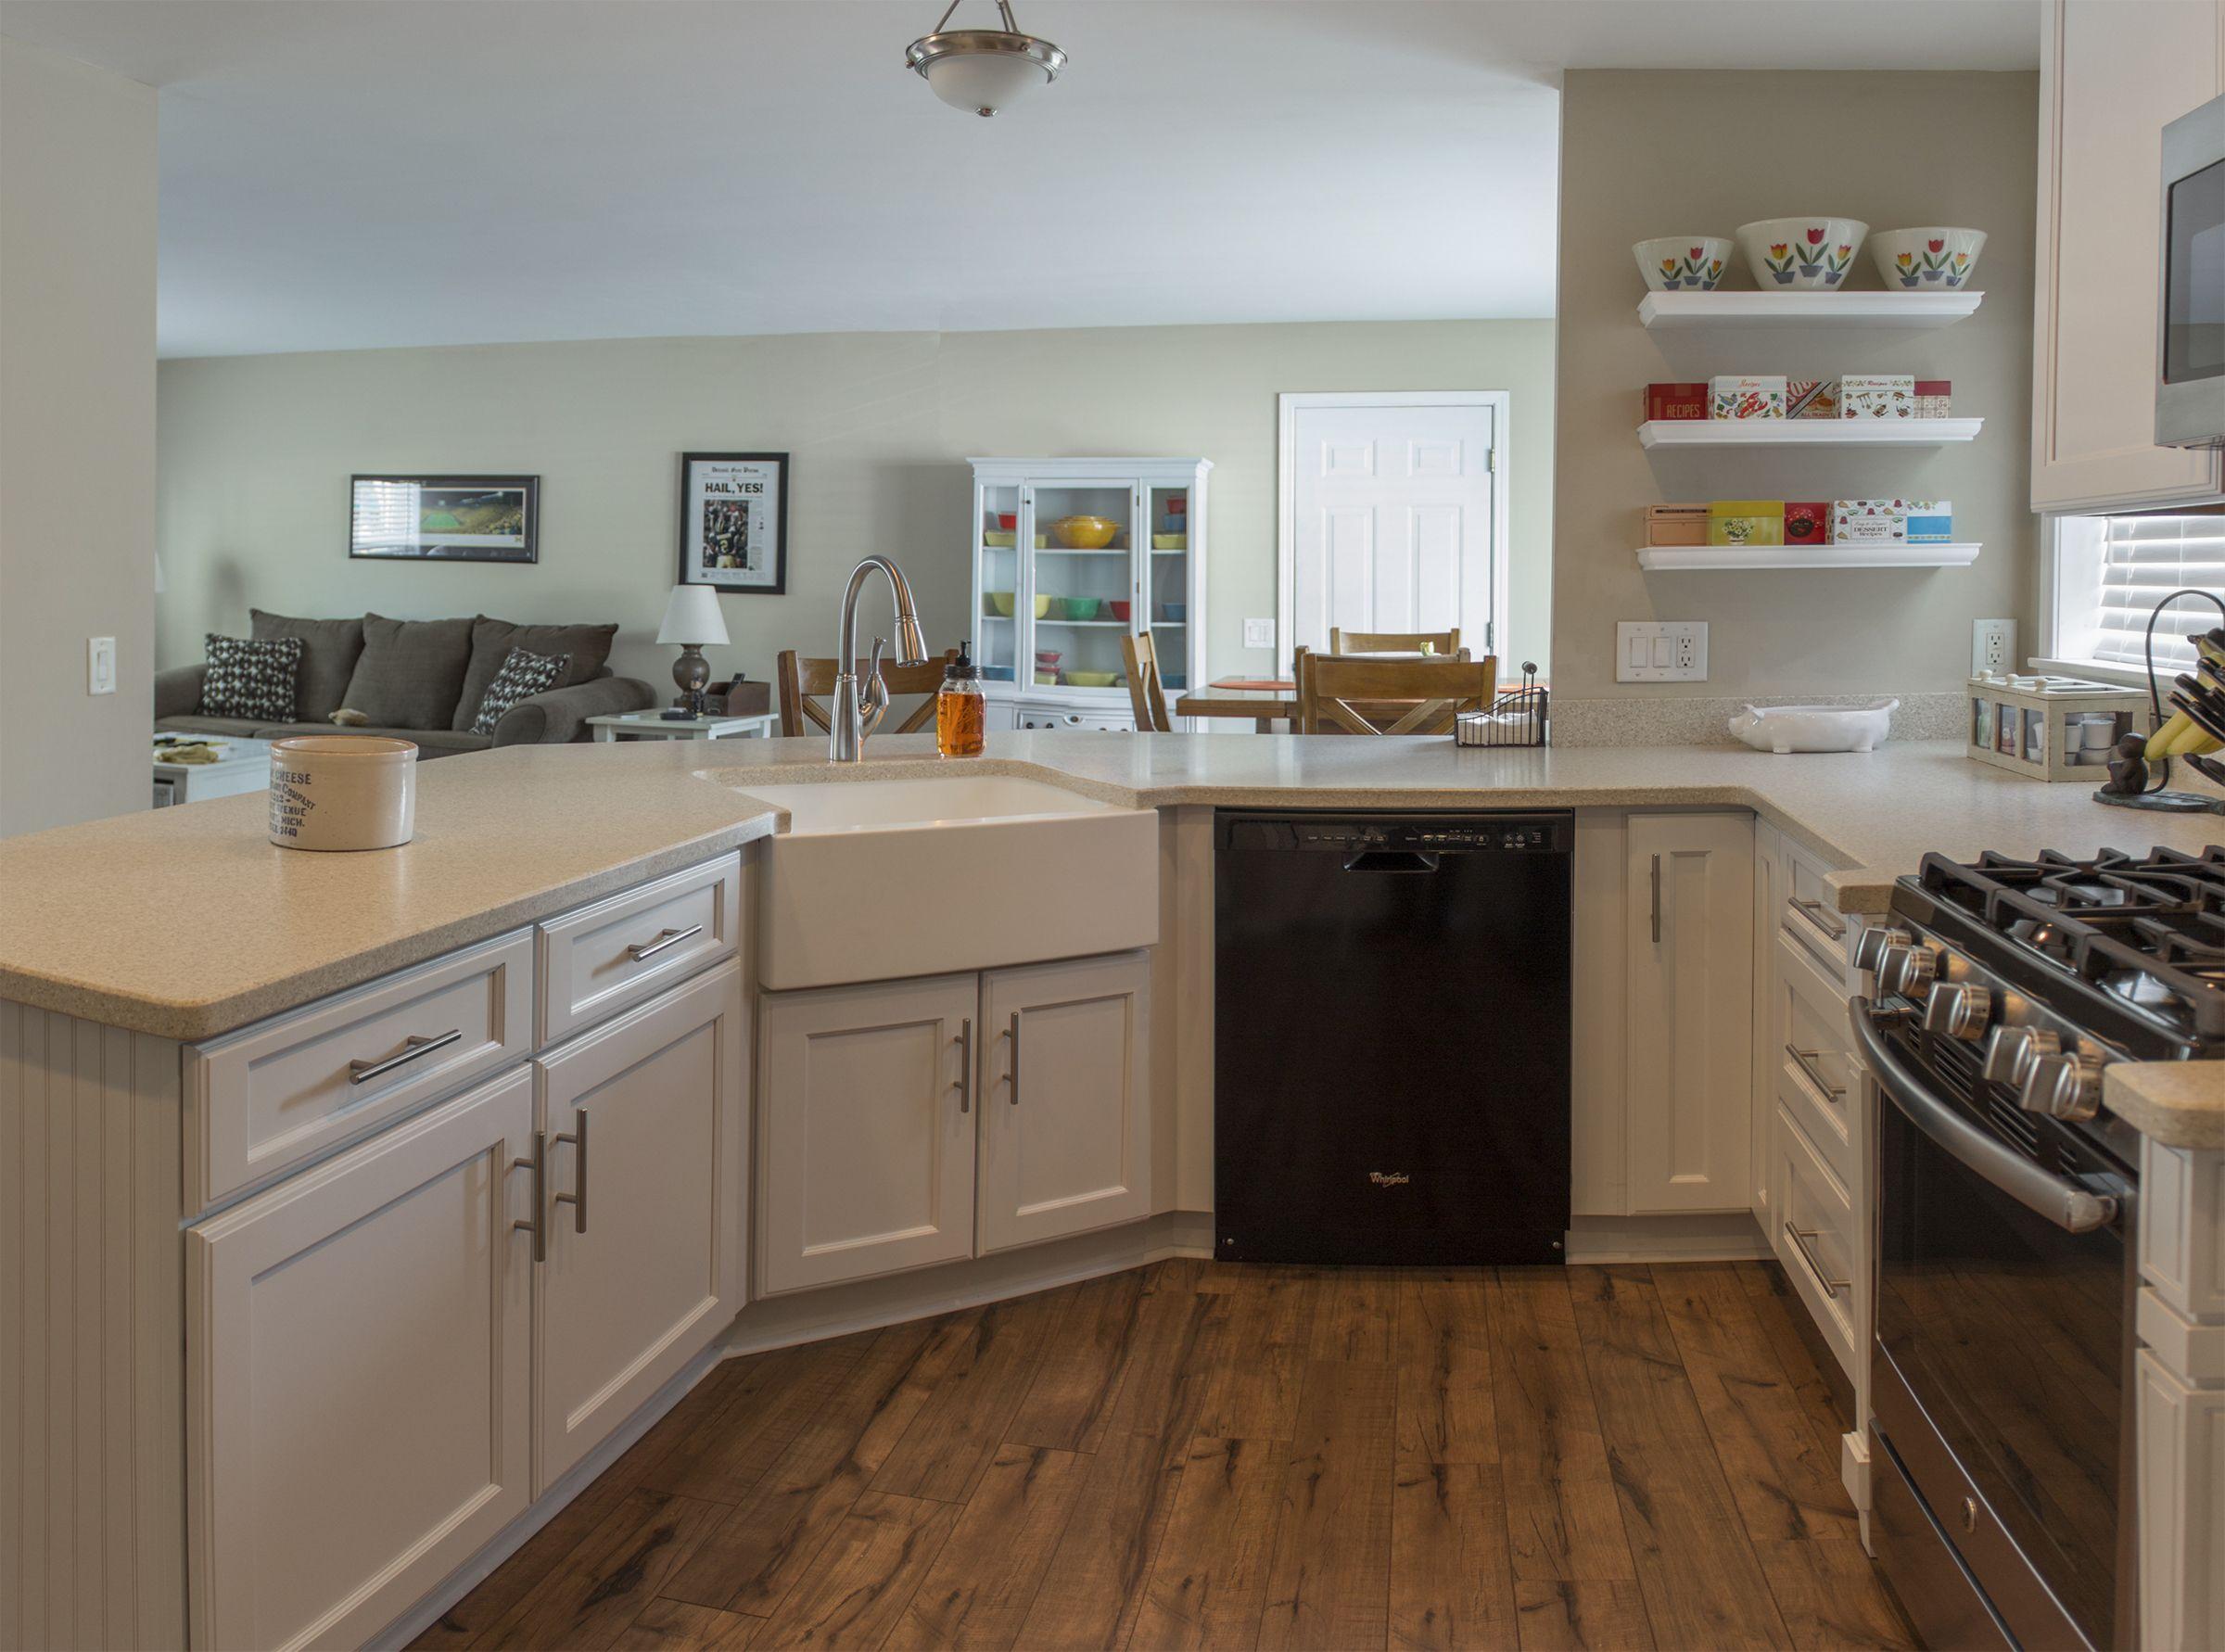 Joe Peace Kitchen Amp Bathroom Designer Livonia Mi Diy Kitchen Remodel Kitchen Cabinet